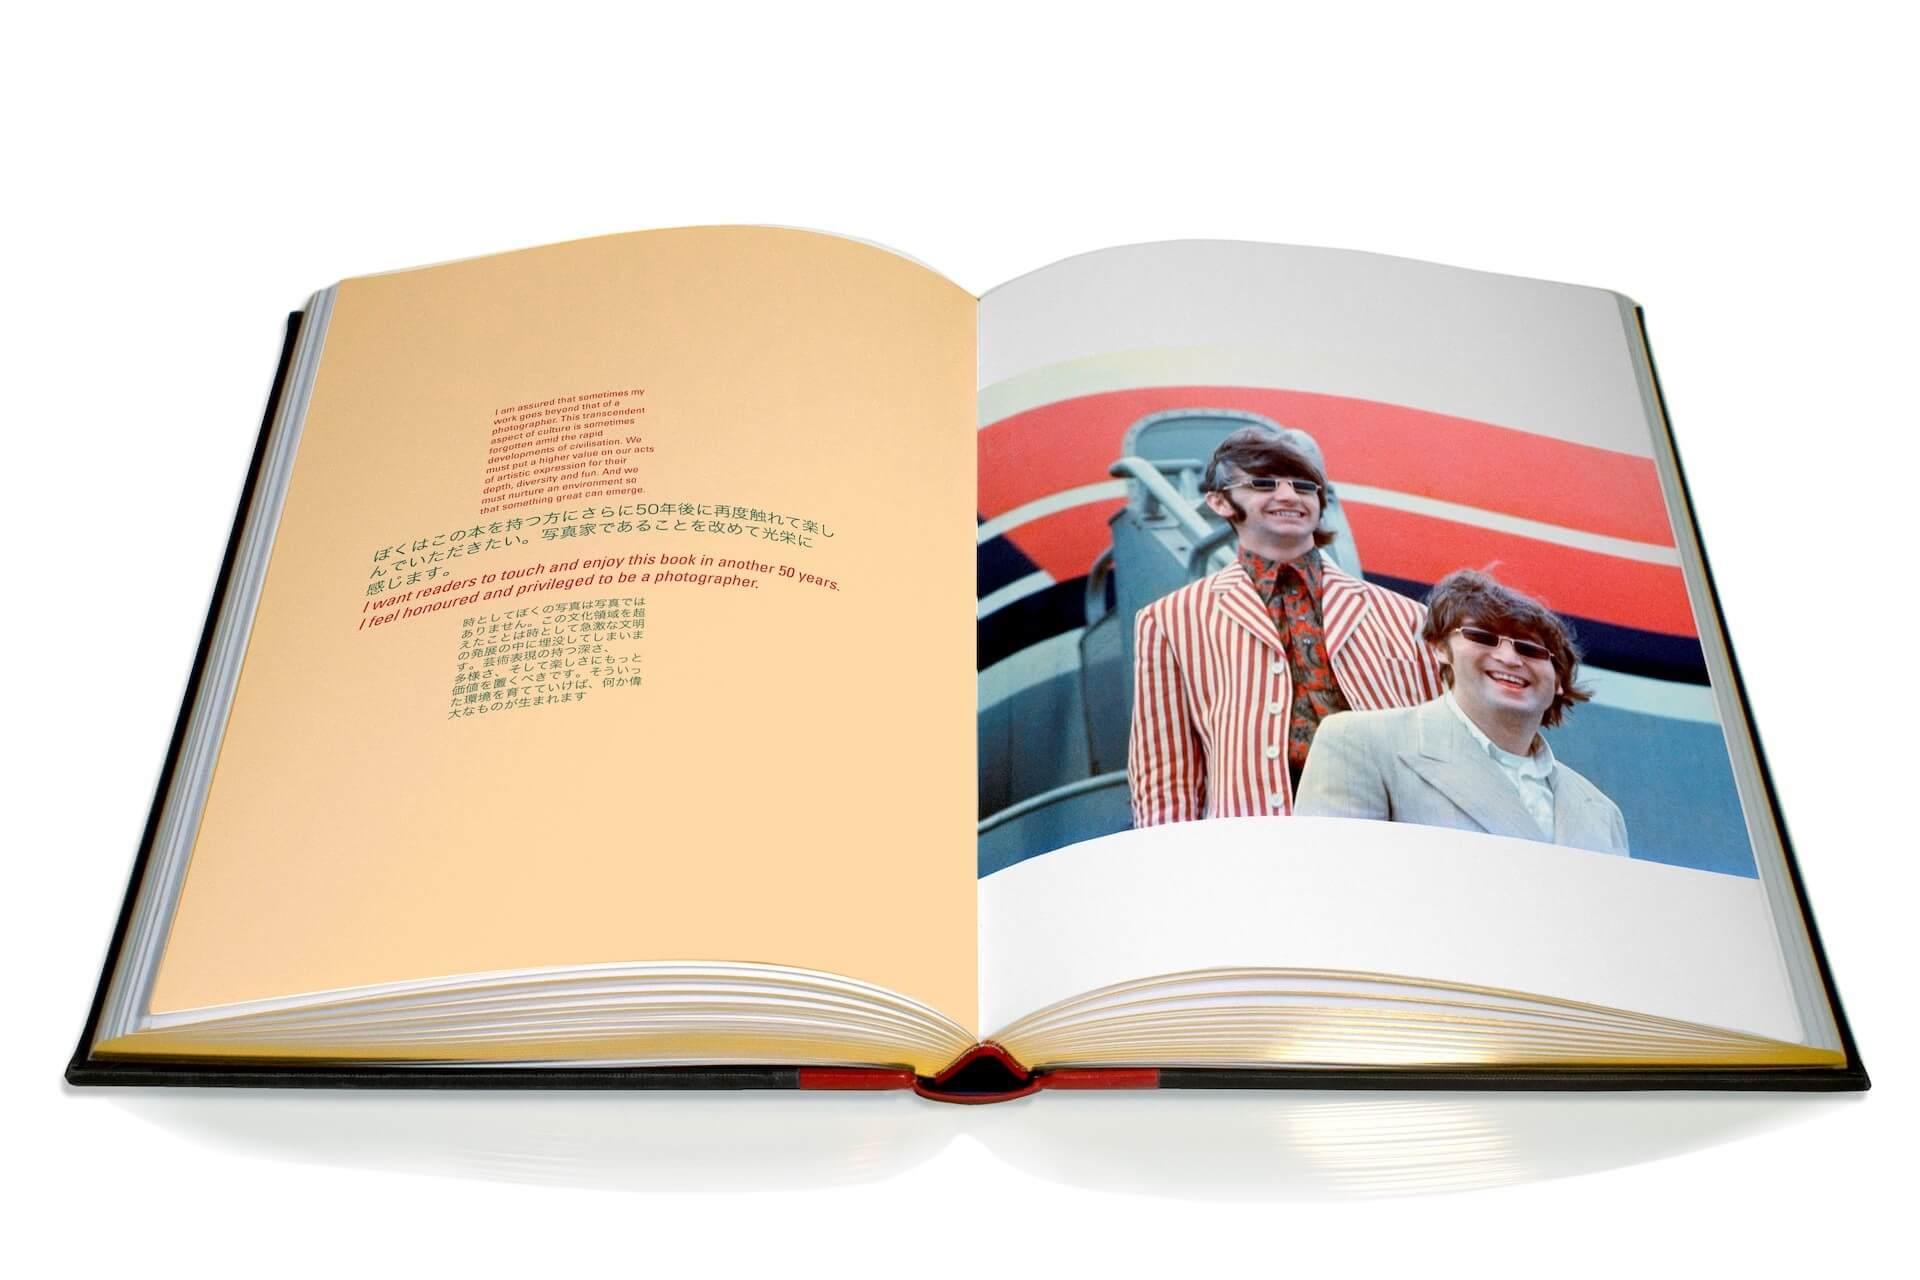 ザ・ビートルズ来日時を克明に記録した浅井慎平の写真集『HELLO,GOODBYE~The Beatles in Tokyo 1966~』が限定蔵出し販売決定! art210608_thebeatles_3